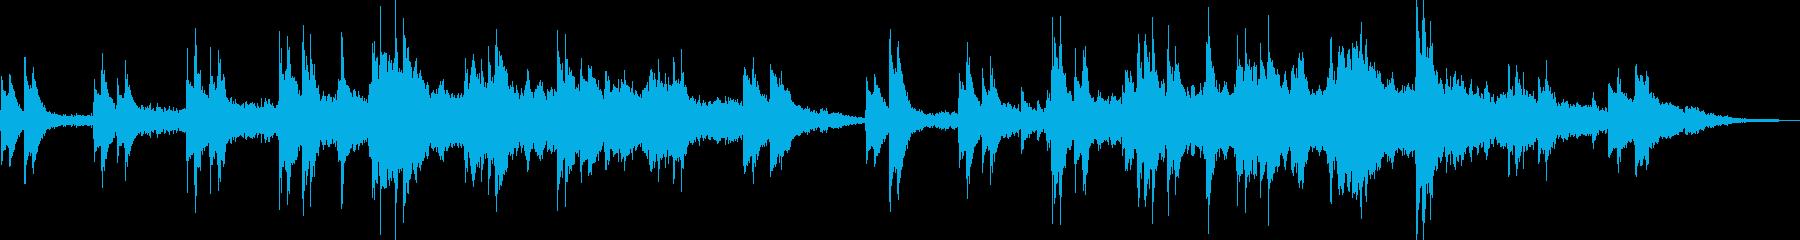 催眠スタッカート弦はピアノと持続弦...の再生済みの波形